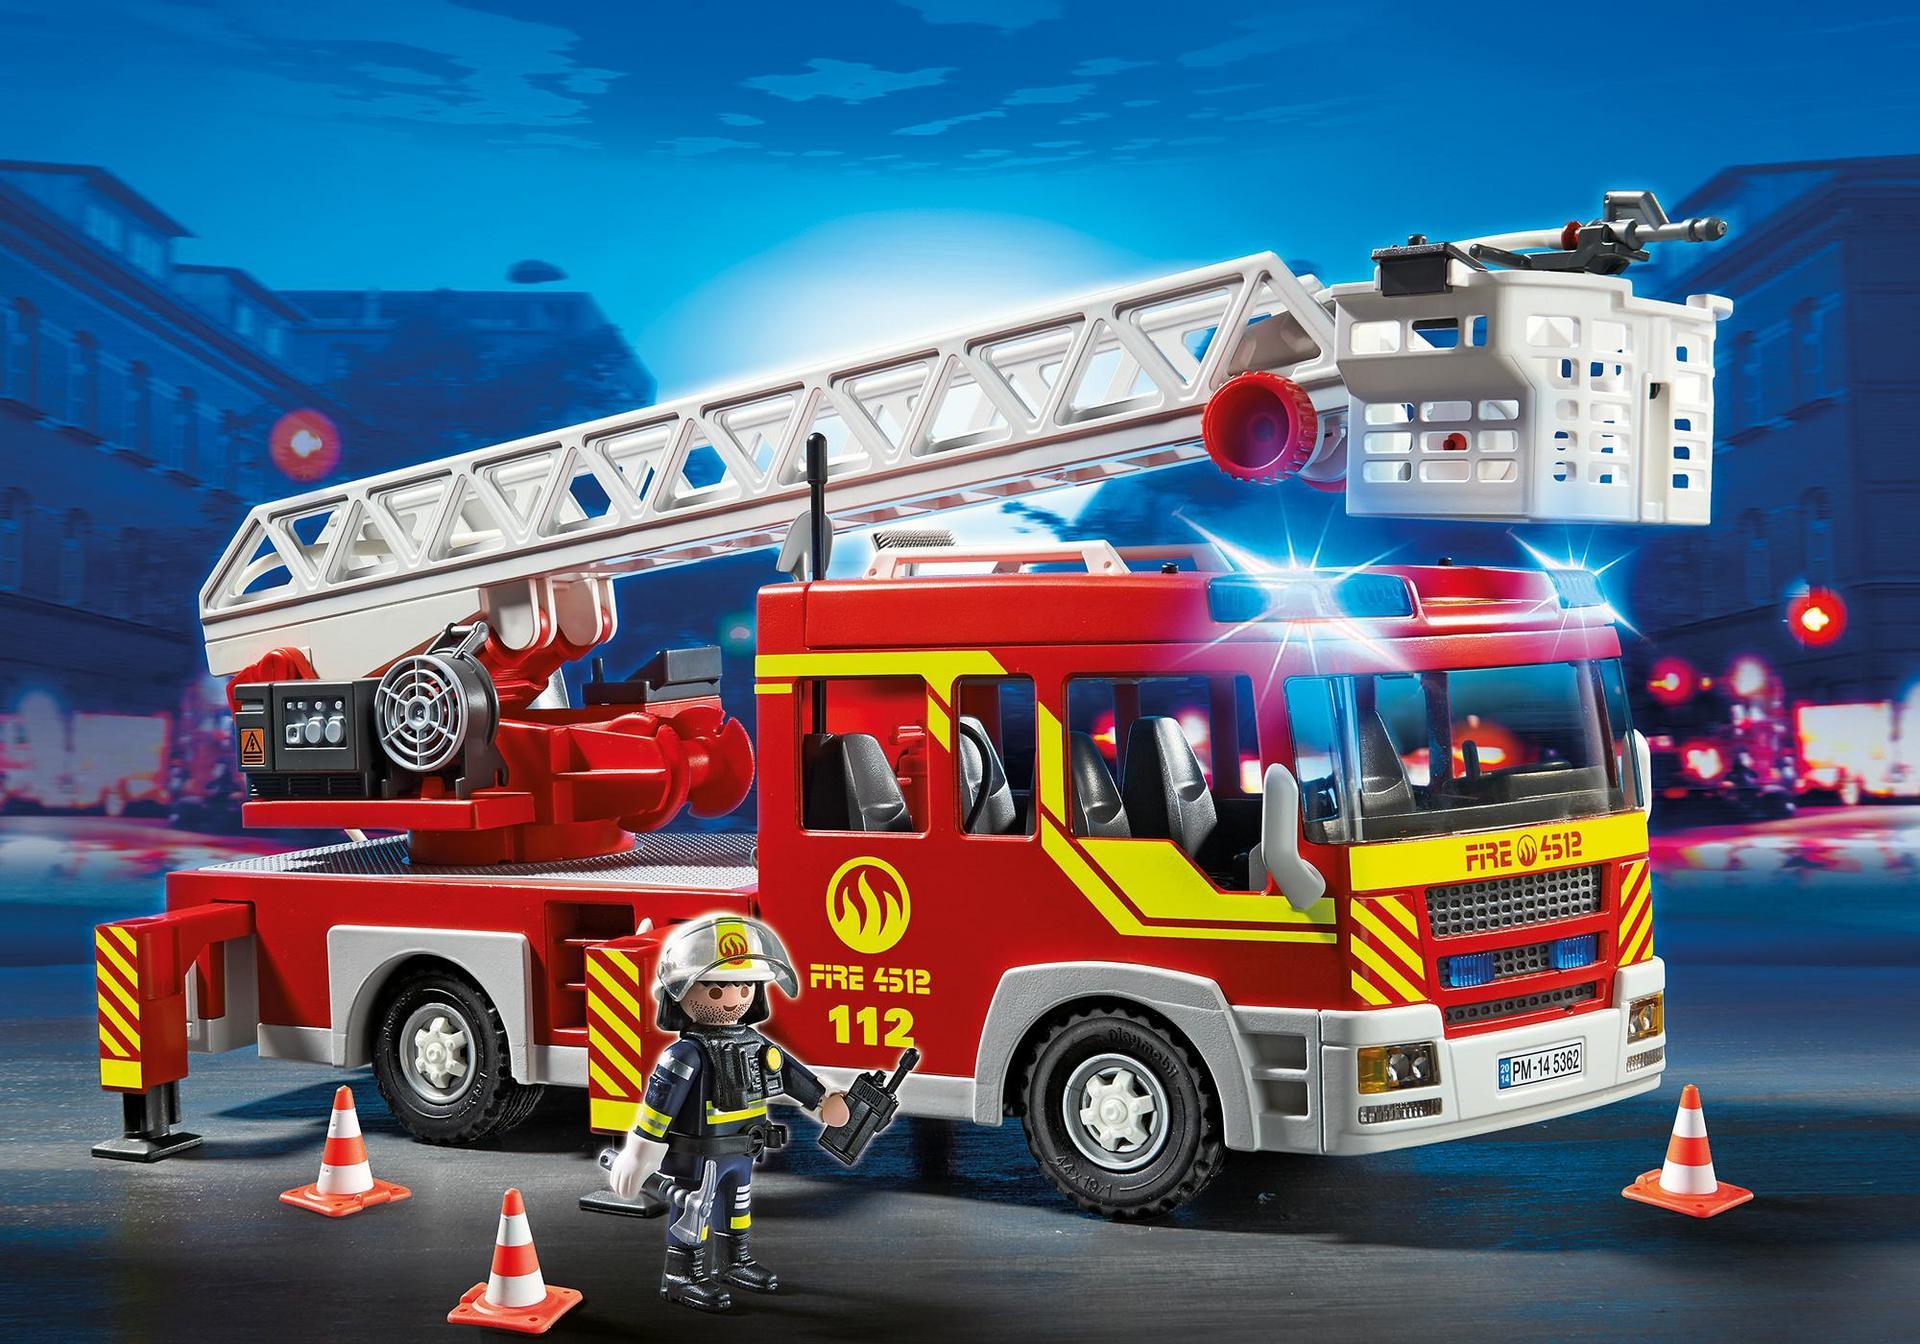 Camion de pompier avec chelle pivotante et sir ne 5362 - Image camion pompier ...